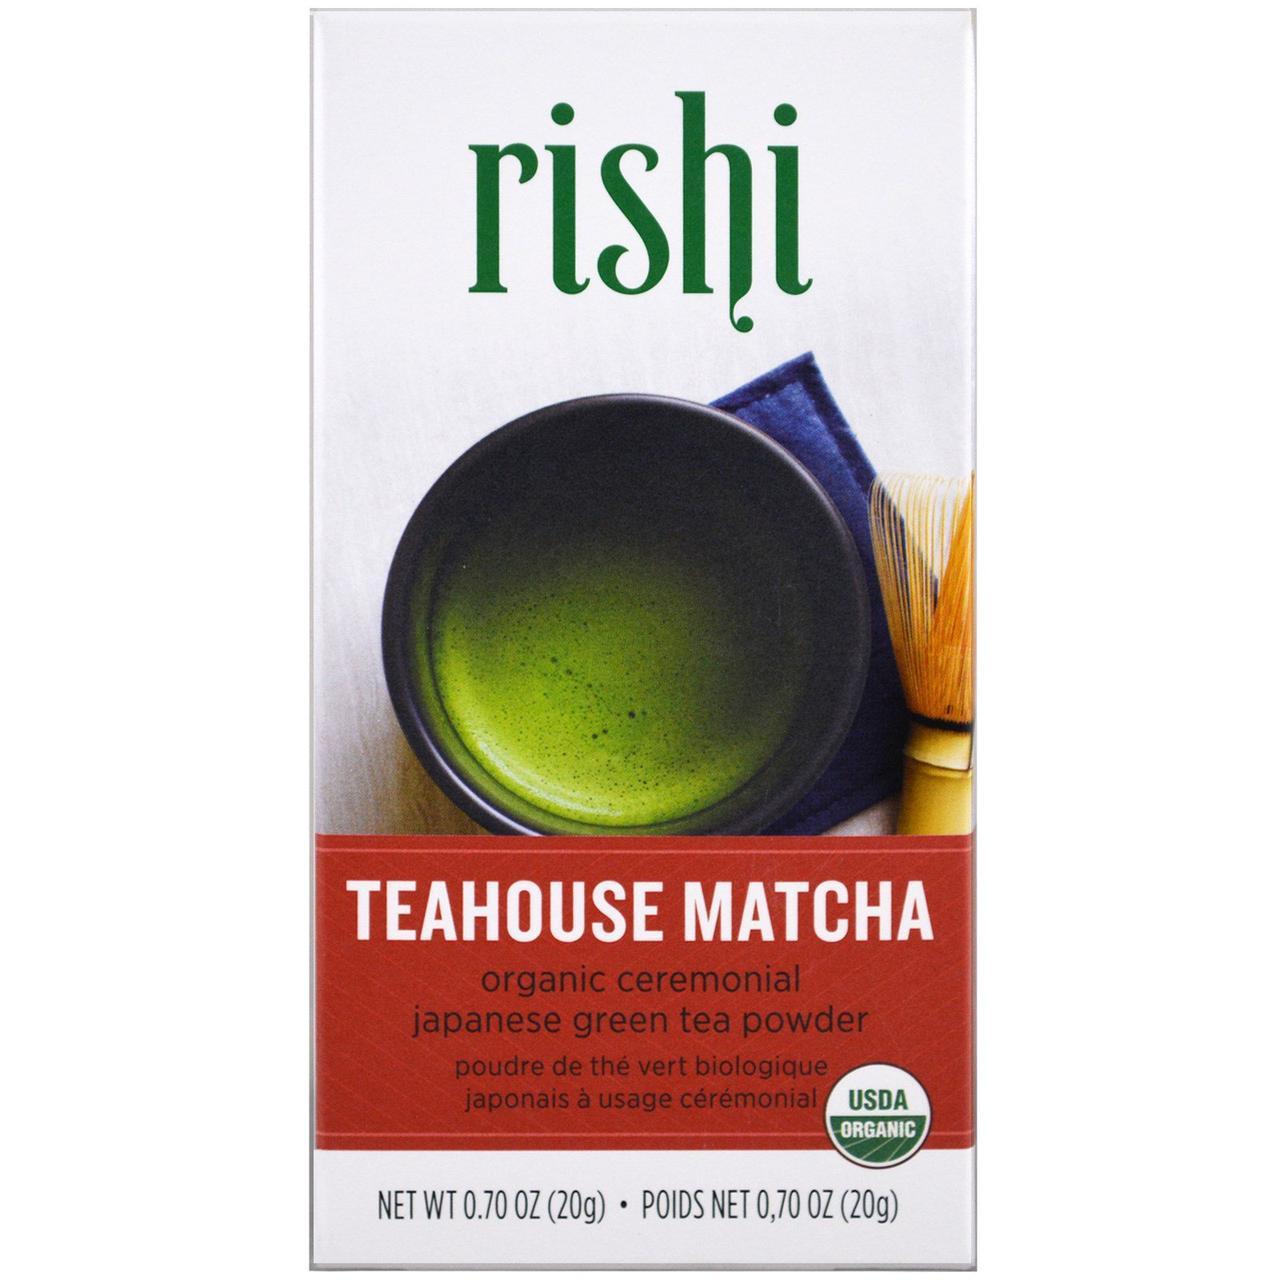 Rishi Tea, Teahouse Matcha, Органический зеленый чай маття, 0,70 унции (20 г)